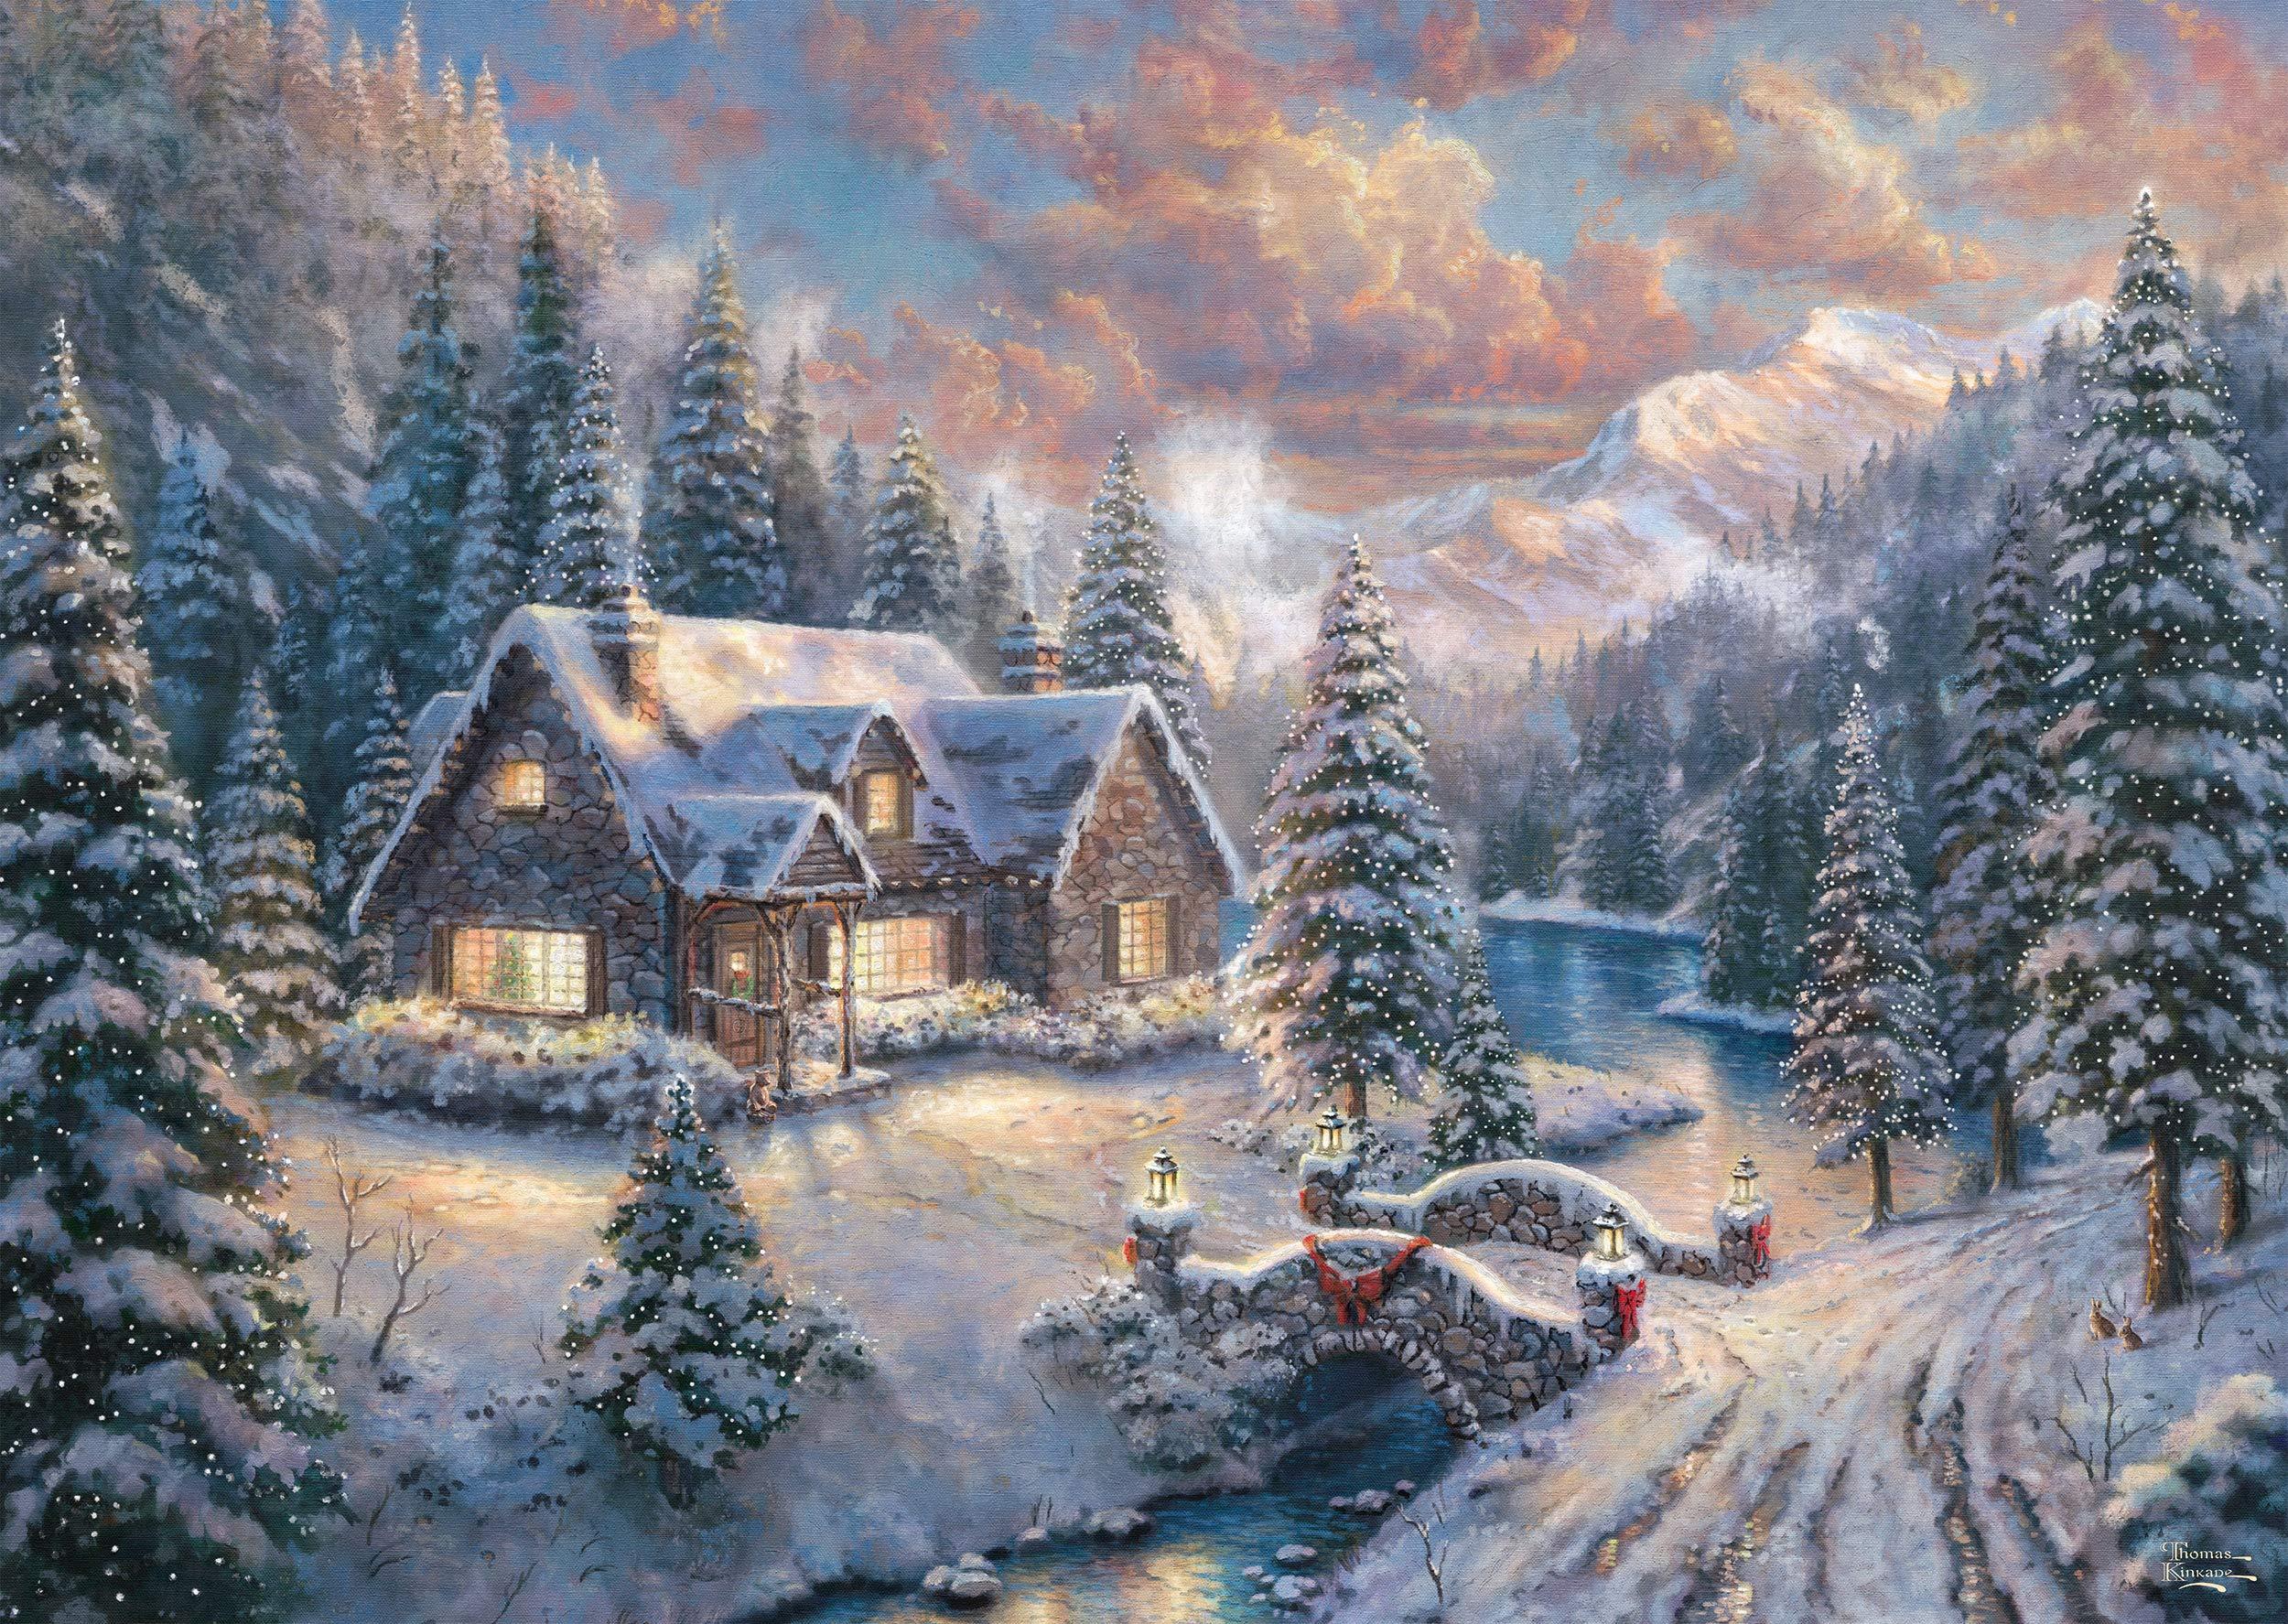 Schmidt-Spiele-Puzzle-59493-Thomas-Kinkade-Weihnachten-in-den-Bergen-Editio-1000-Teile-bunt